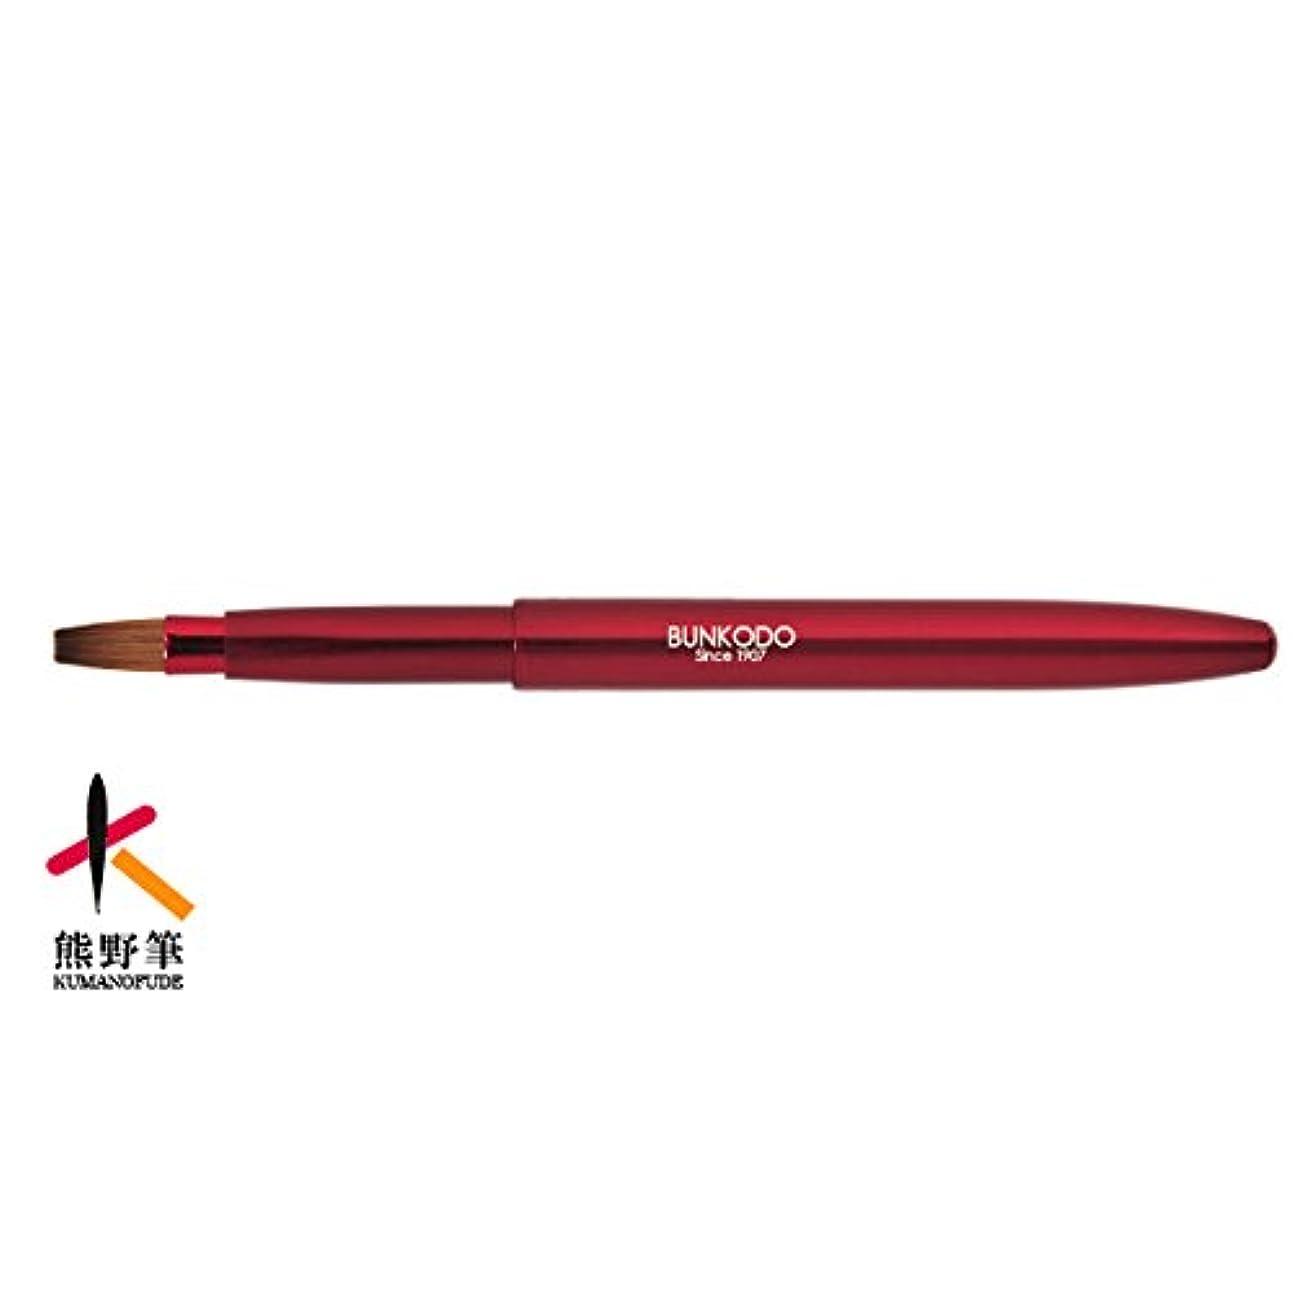 温度窒素成人期明治四十年創業 文宏堂 最高級コリンスキー毛100% 使用 熊野化粧筆 携帯用リップブラシ プッシュ式 ワインレッド MB008 名入れ可能